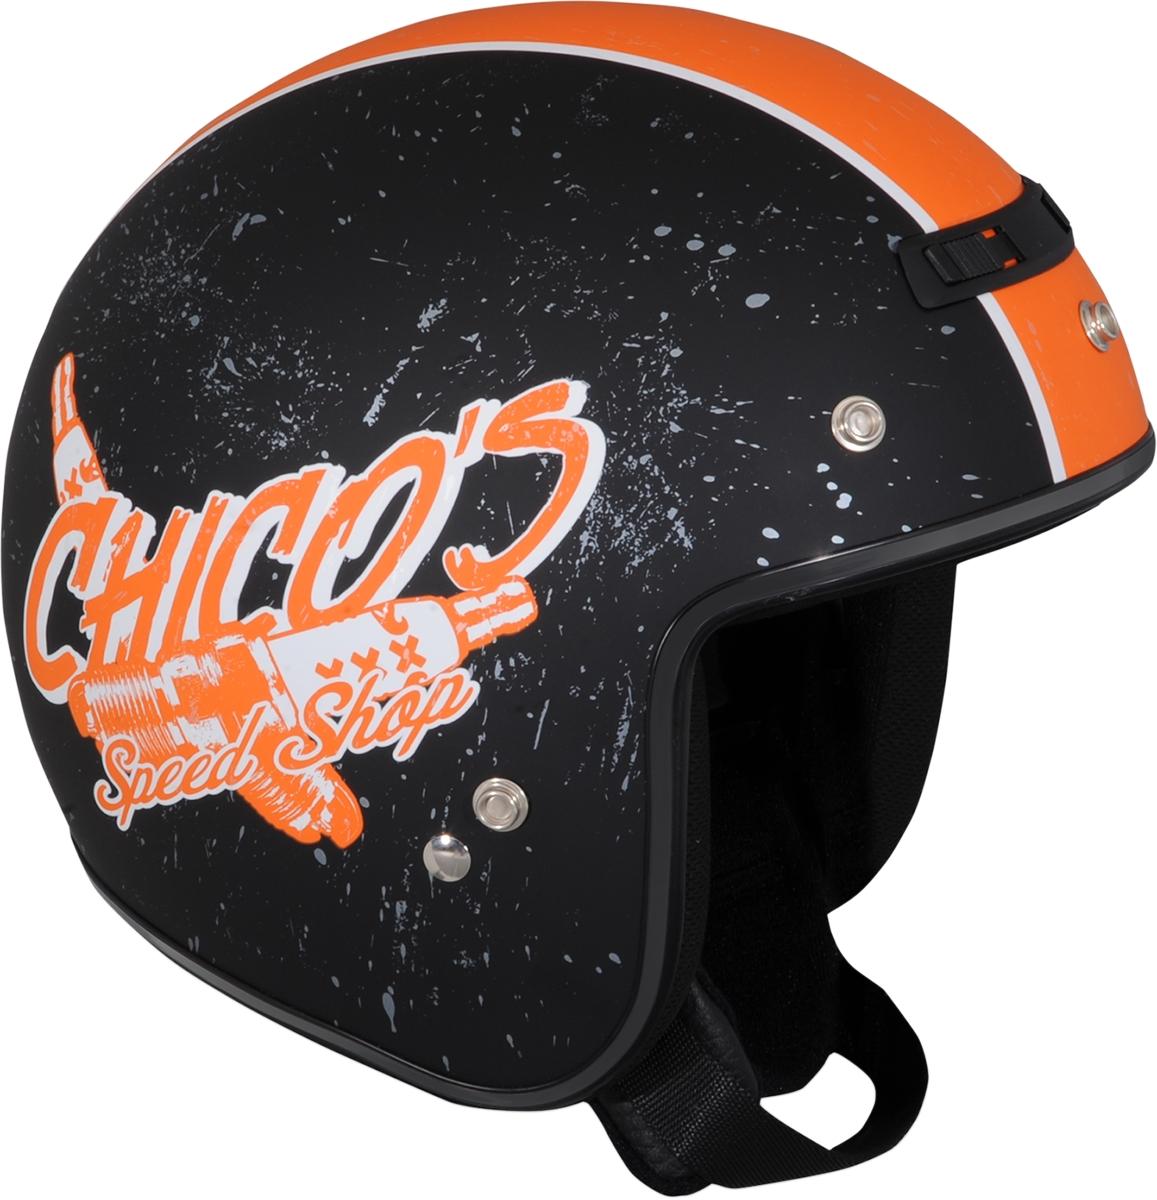 Z1R Jimmy Chico Open Face Helmet